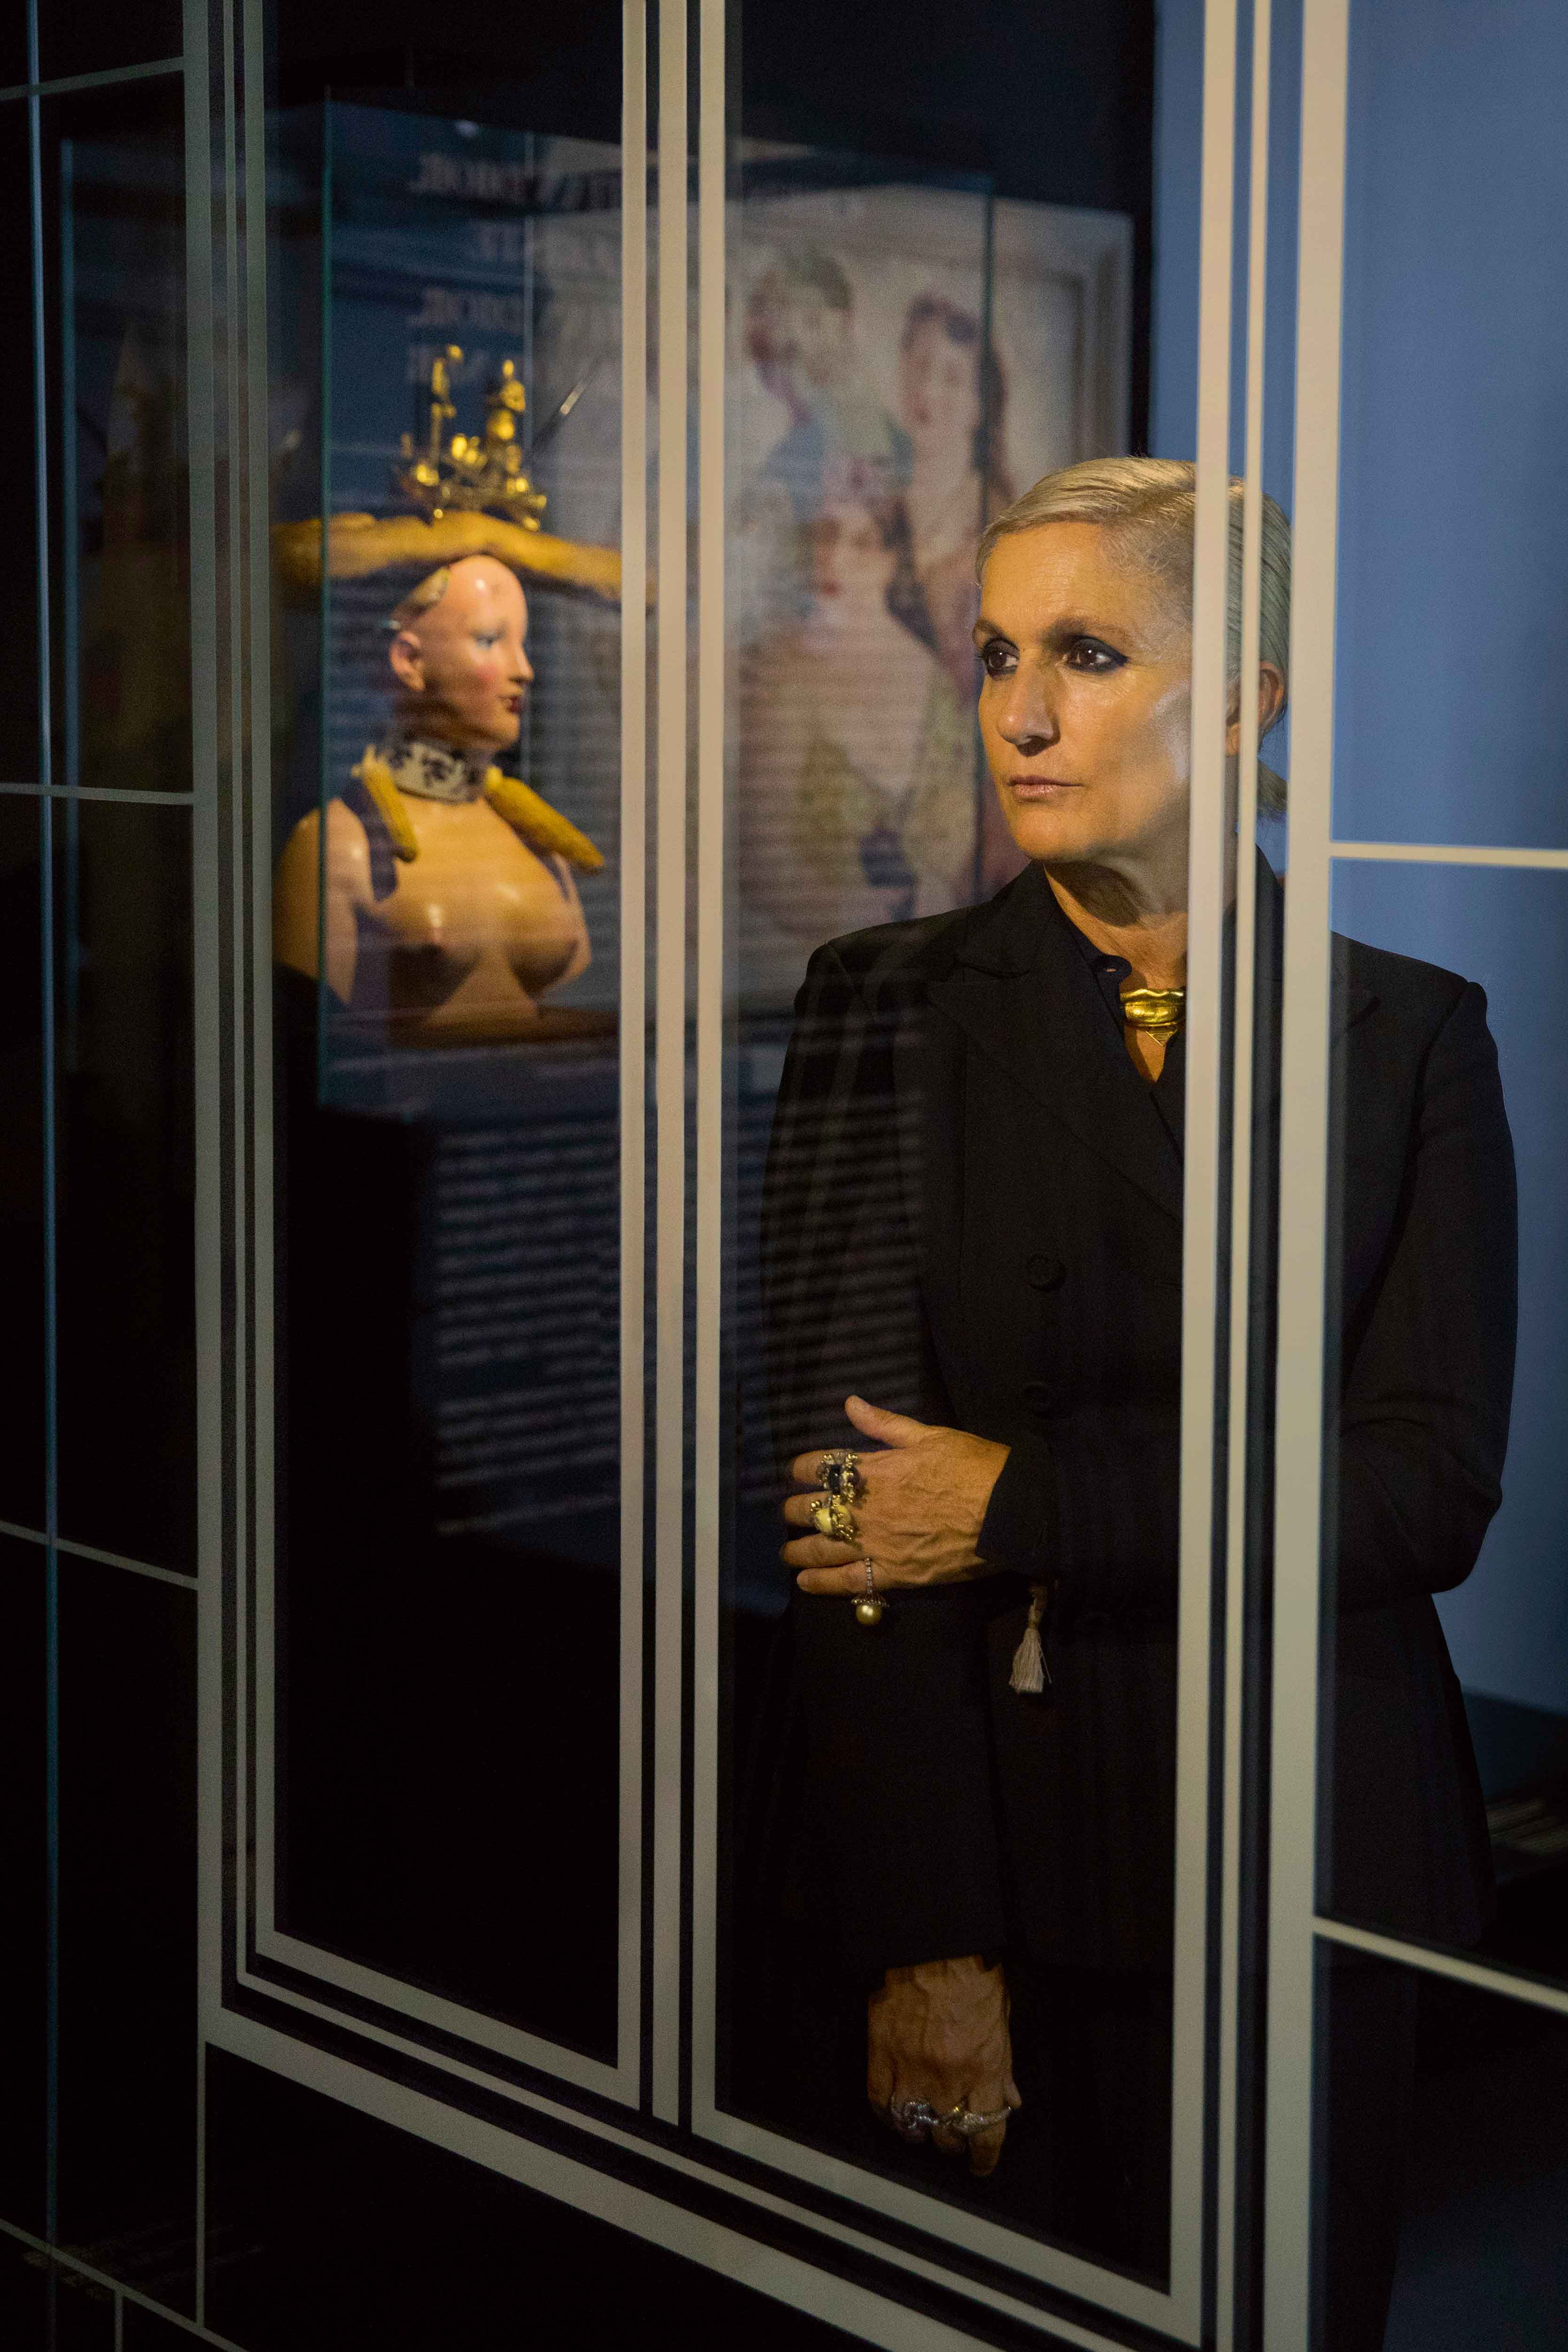 """Maria Grazia Chiuri, photographiée au sein de l'exposition """"Christian Dior, couturier du rêve"""" au Musée des Arts Décoratifs."""